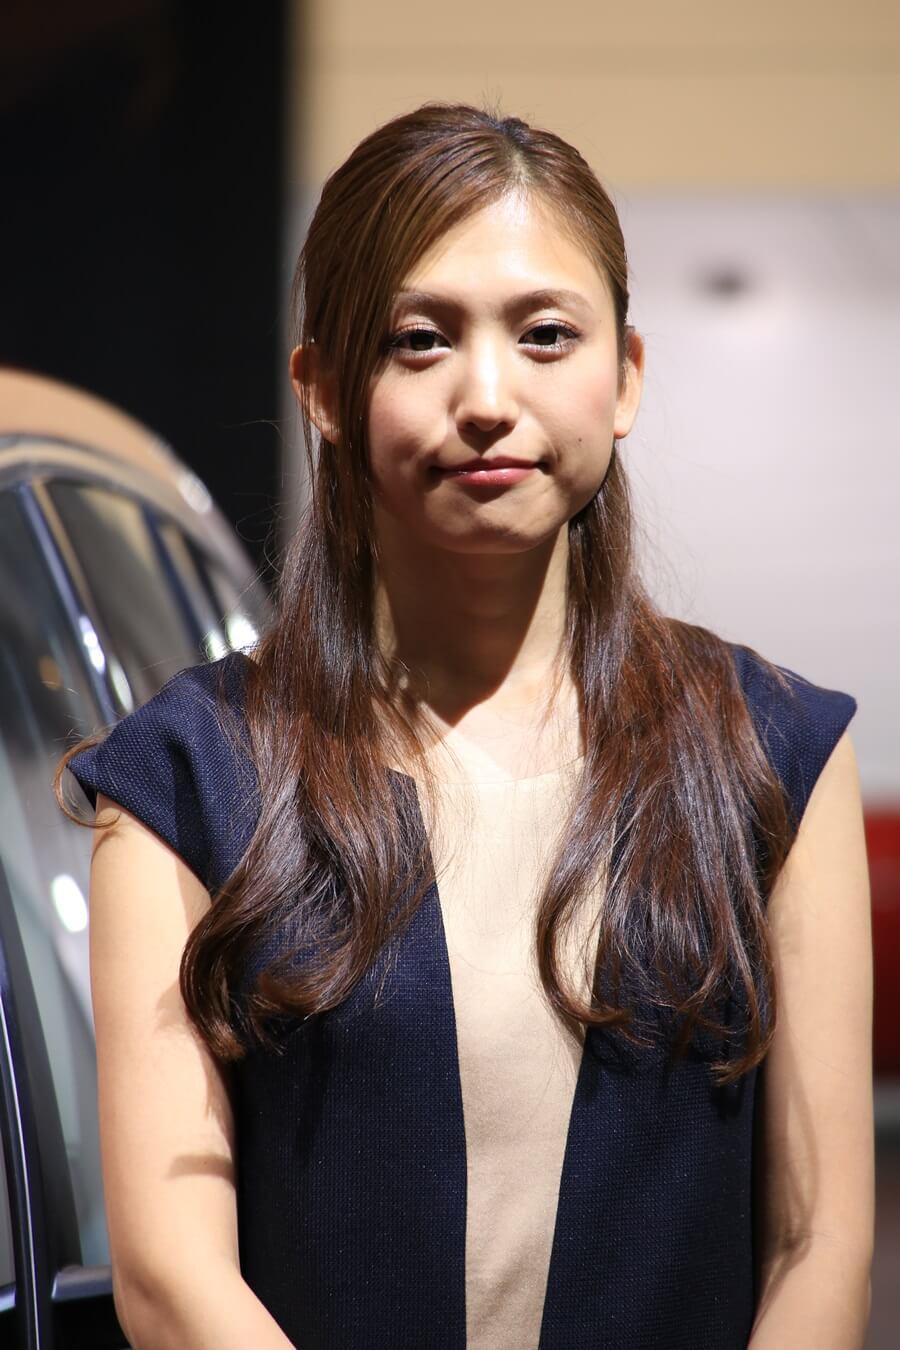 東京モーターショー2015 BMW コンパニオン Tokyo_motor_show_2015_BMW (2)